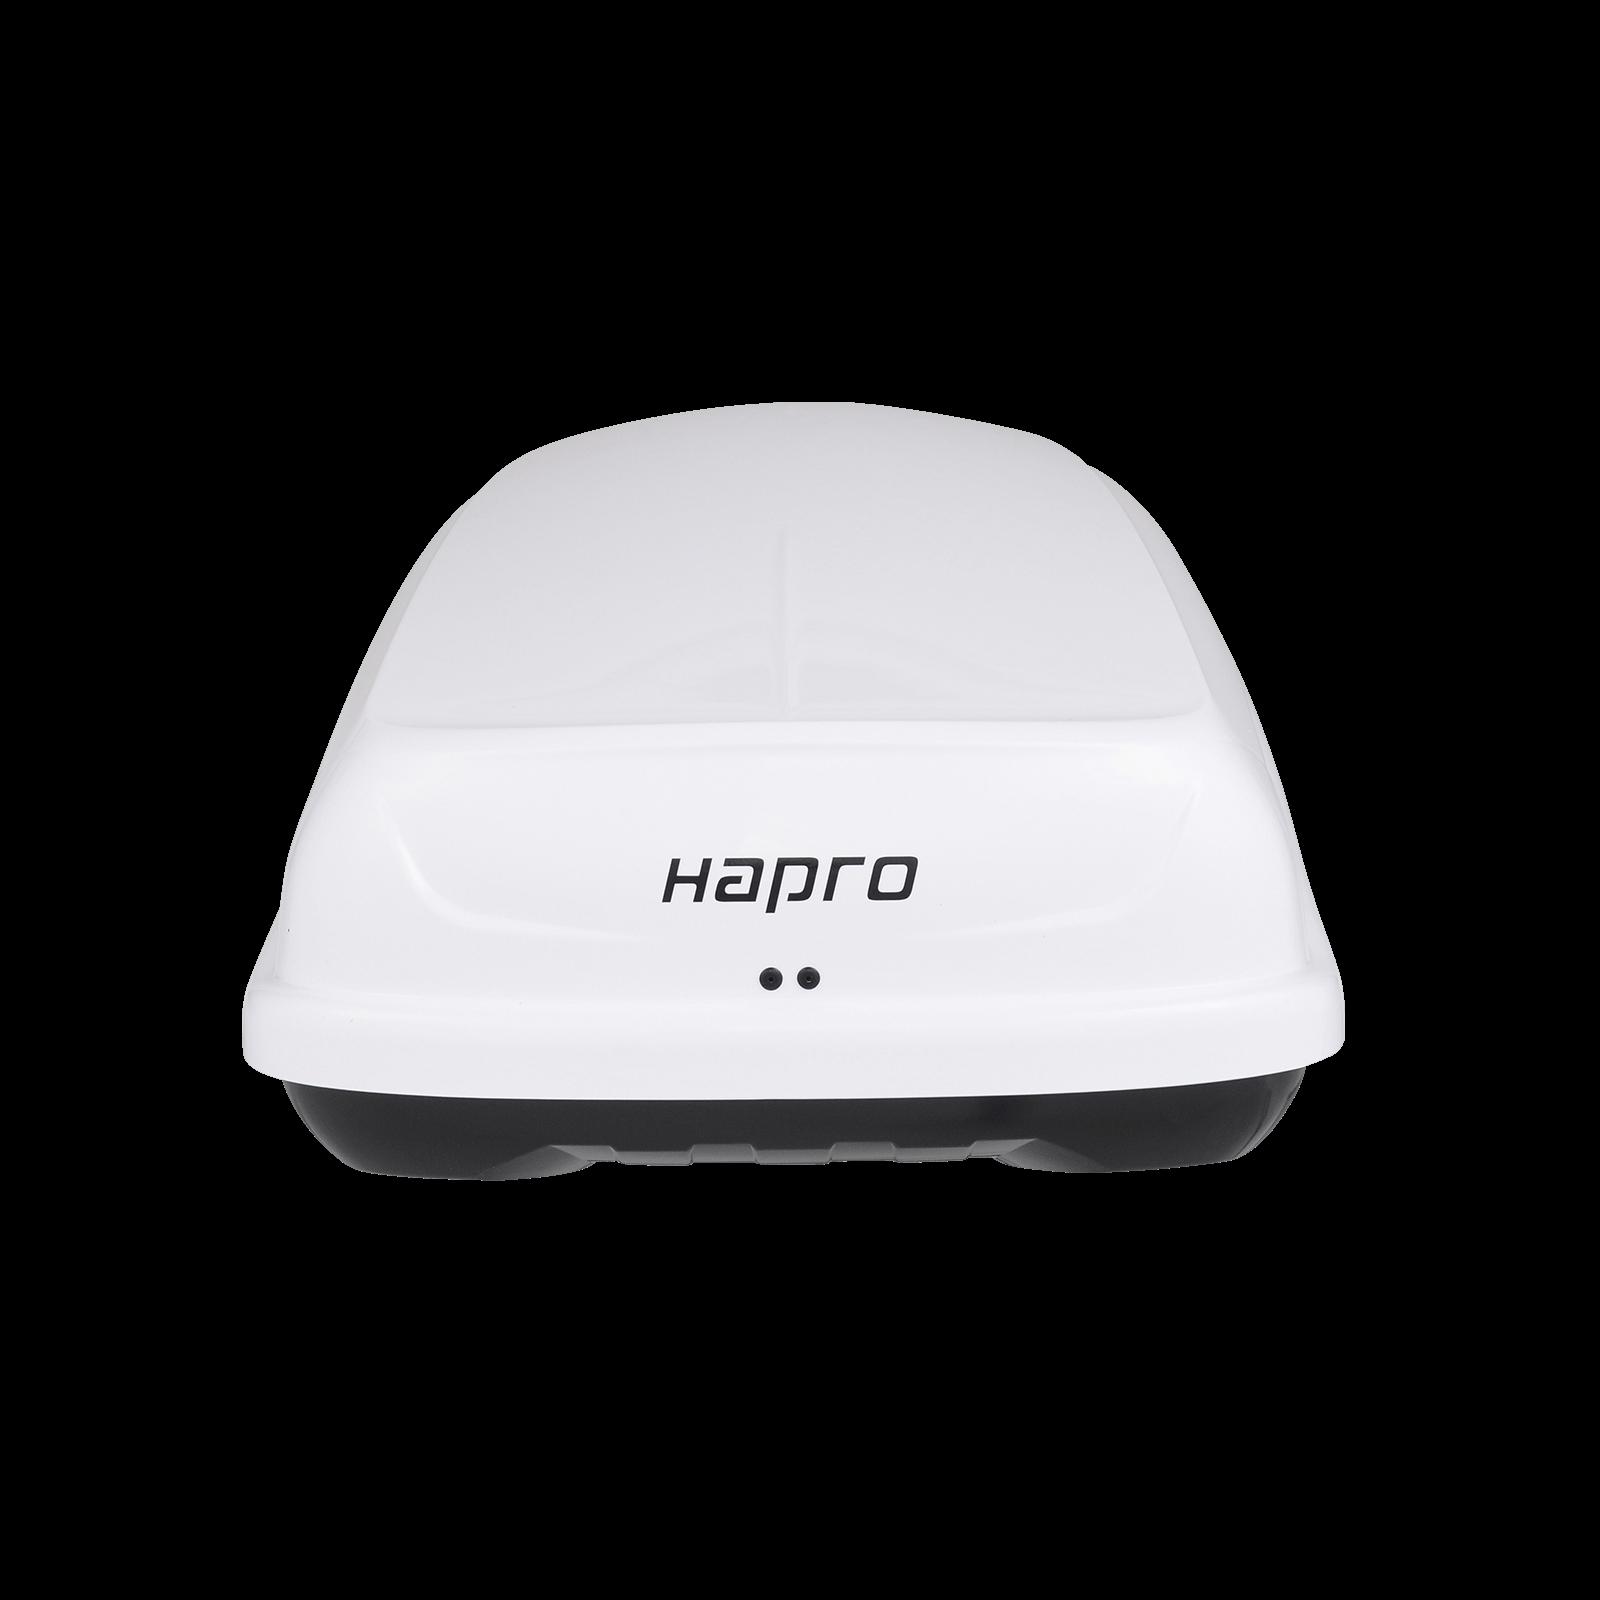 Dachbox Hapro Traxer 6.6 PureWhite - Bild 4